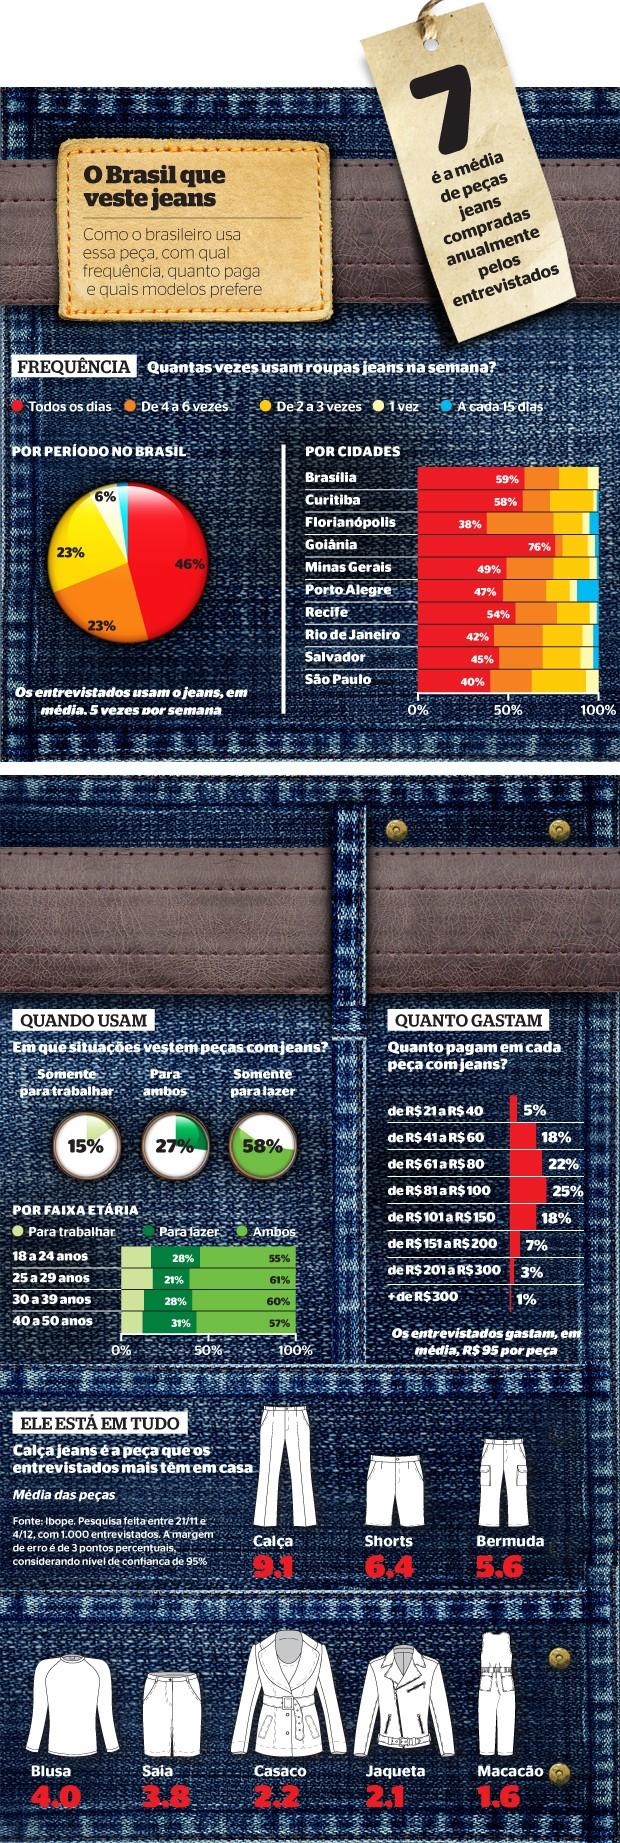 infografico denin - Pesquisa revela que 46% dos brasileiros usam jeans todos os dias